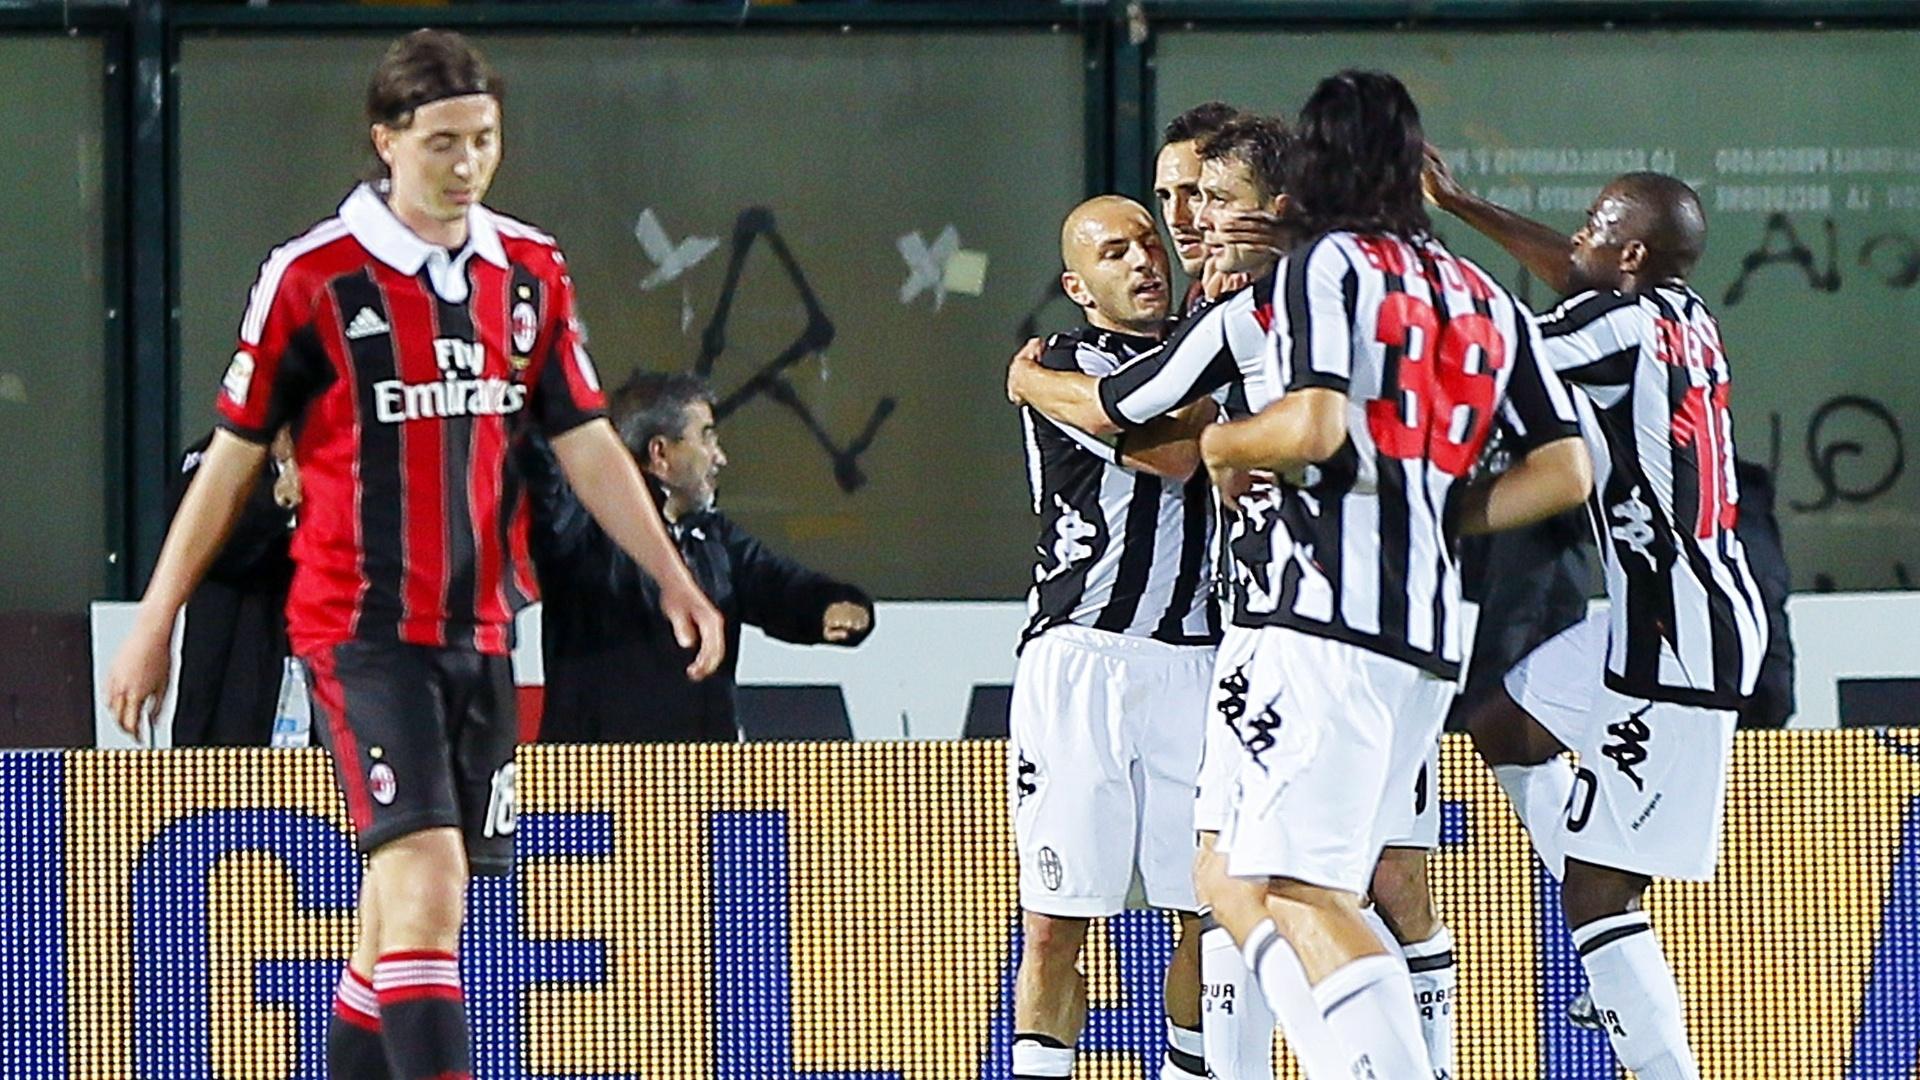 Siena abriu o placar contra o Milan aos 26 minutos do primeiro tempo